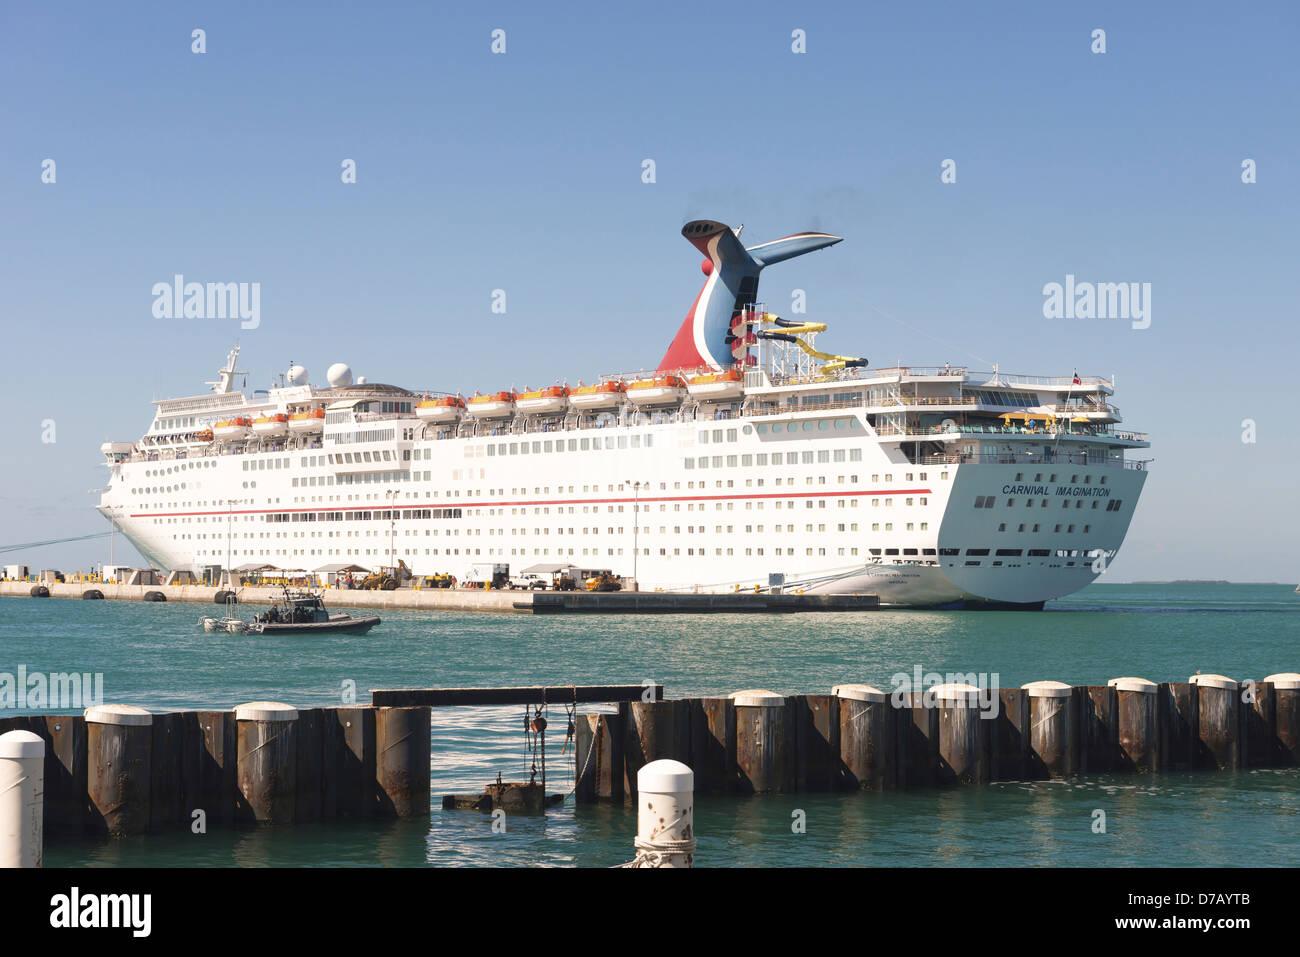 Carnival Imagination, Key West, Florida Keys, Florida, - Stock Image